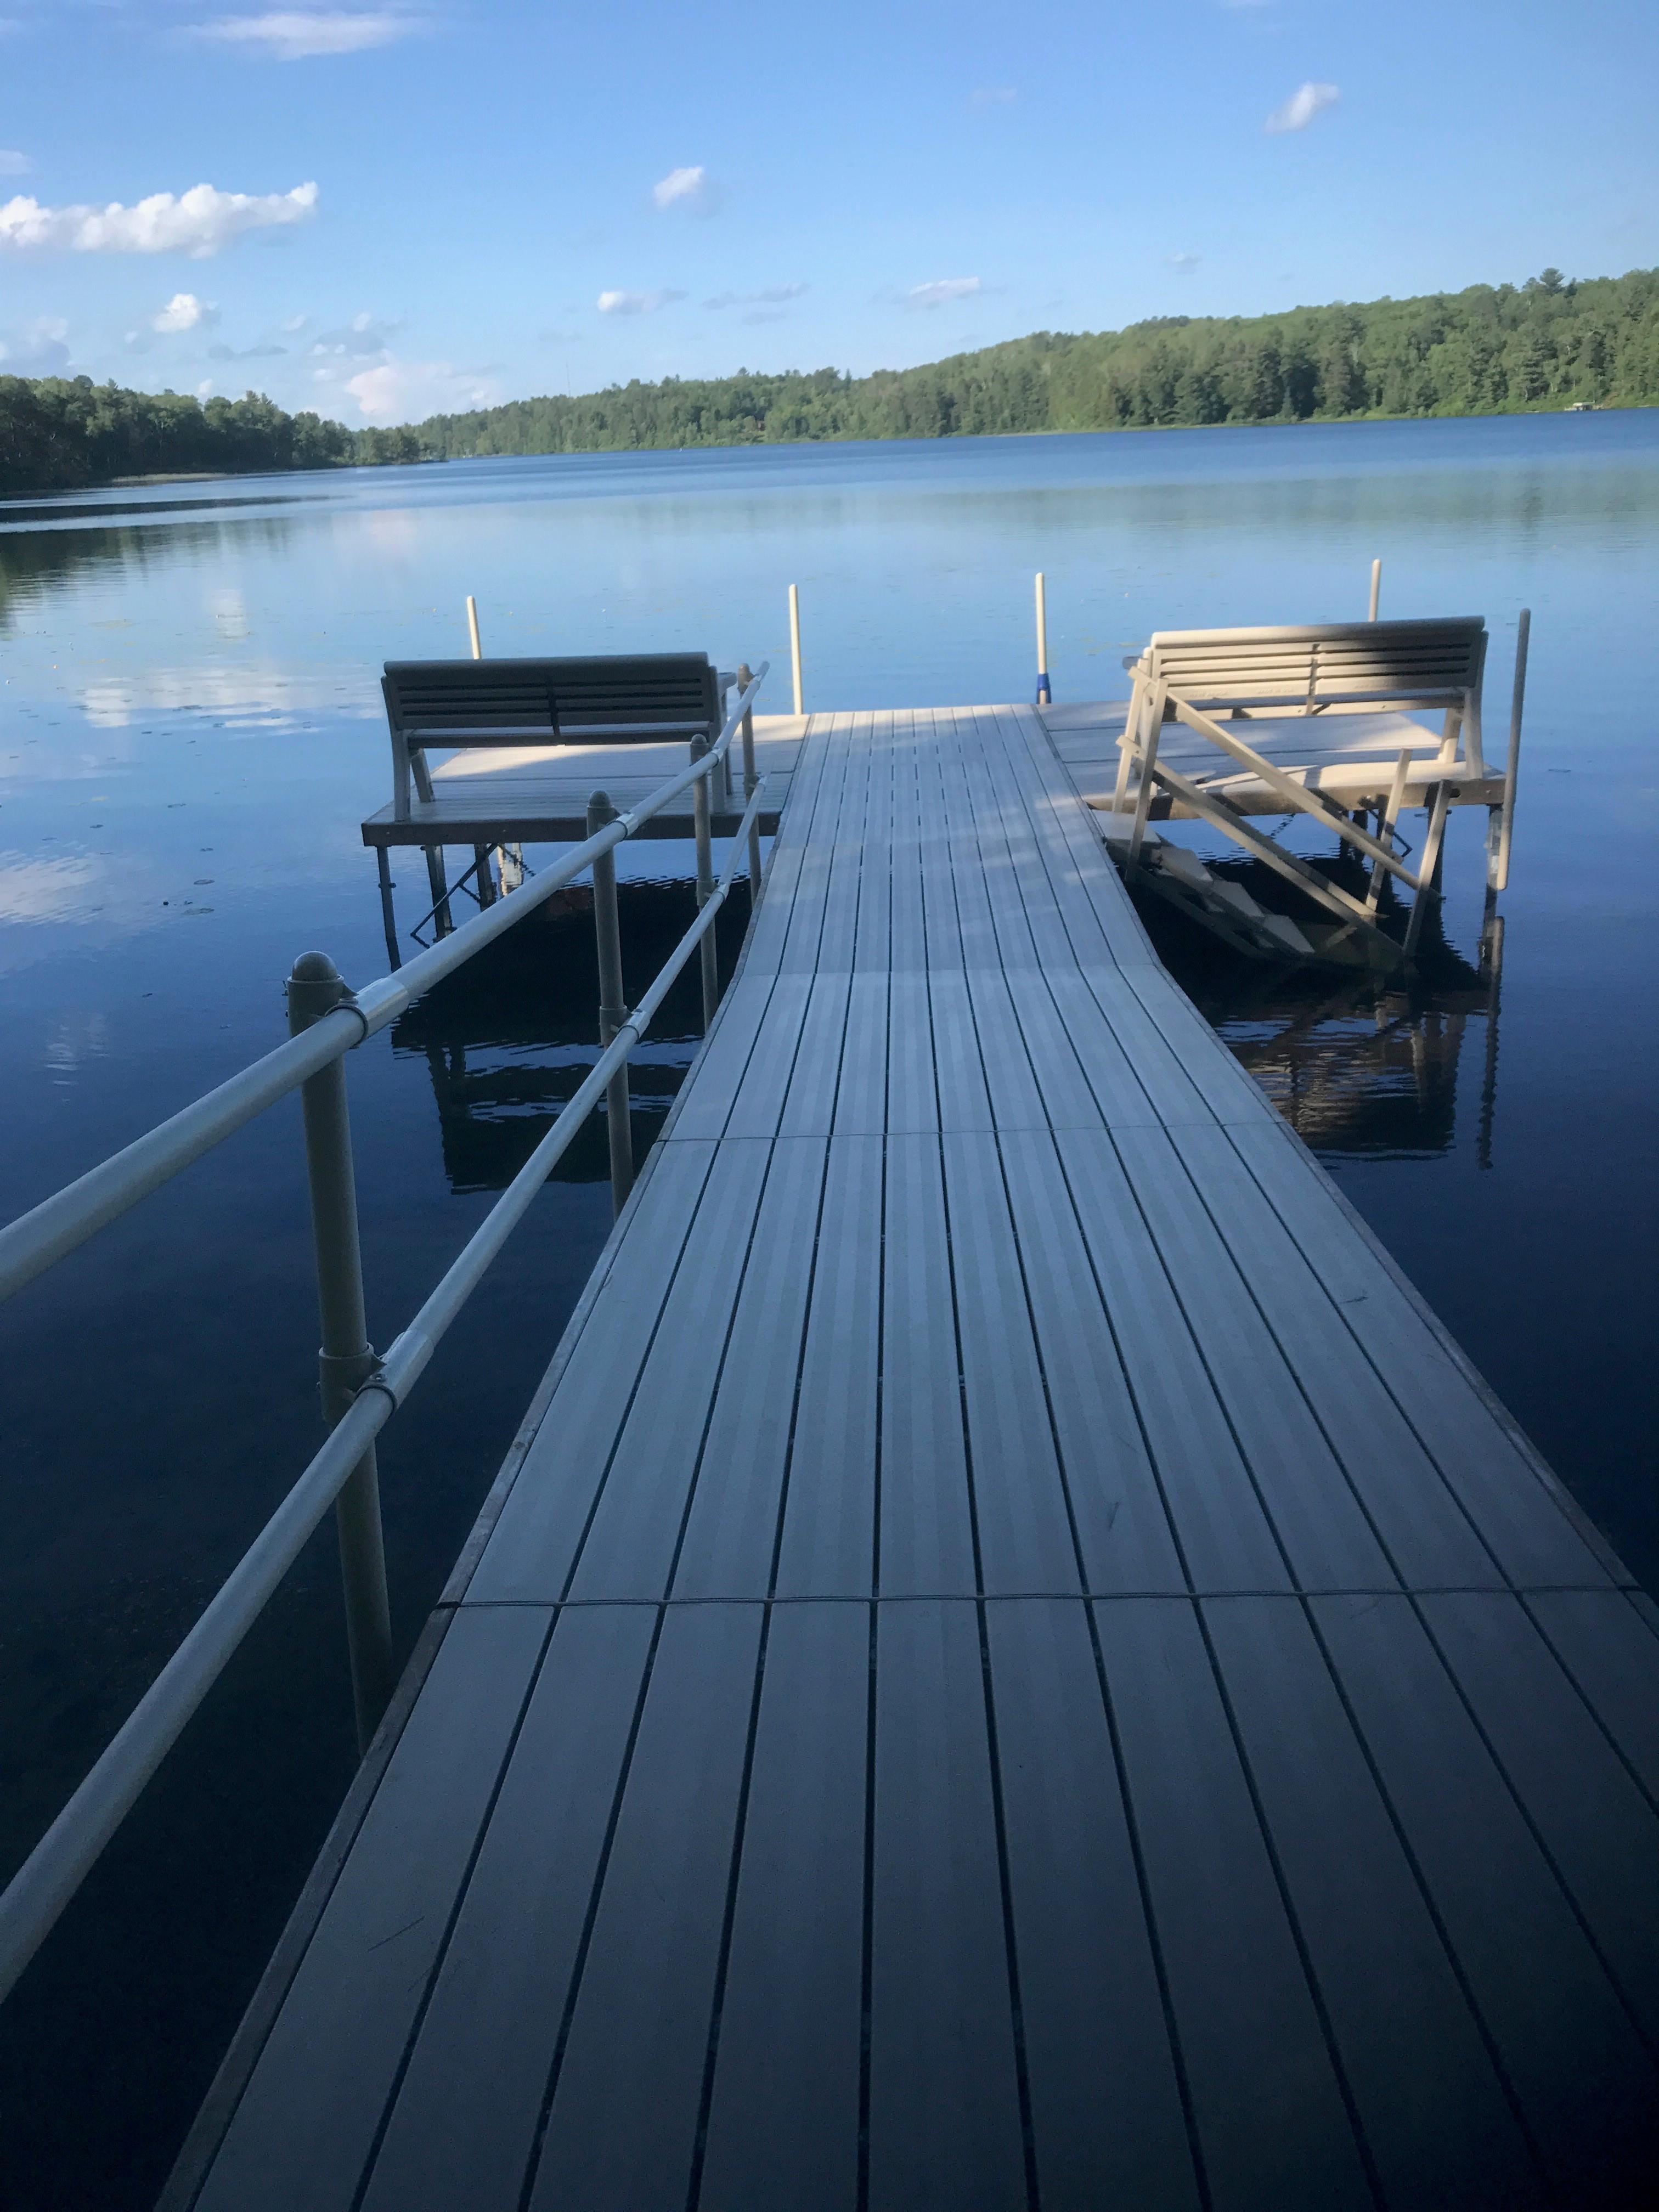 Bliss-House-dock